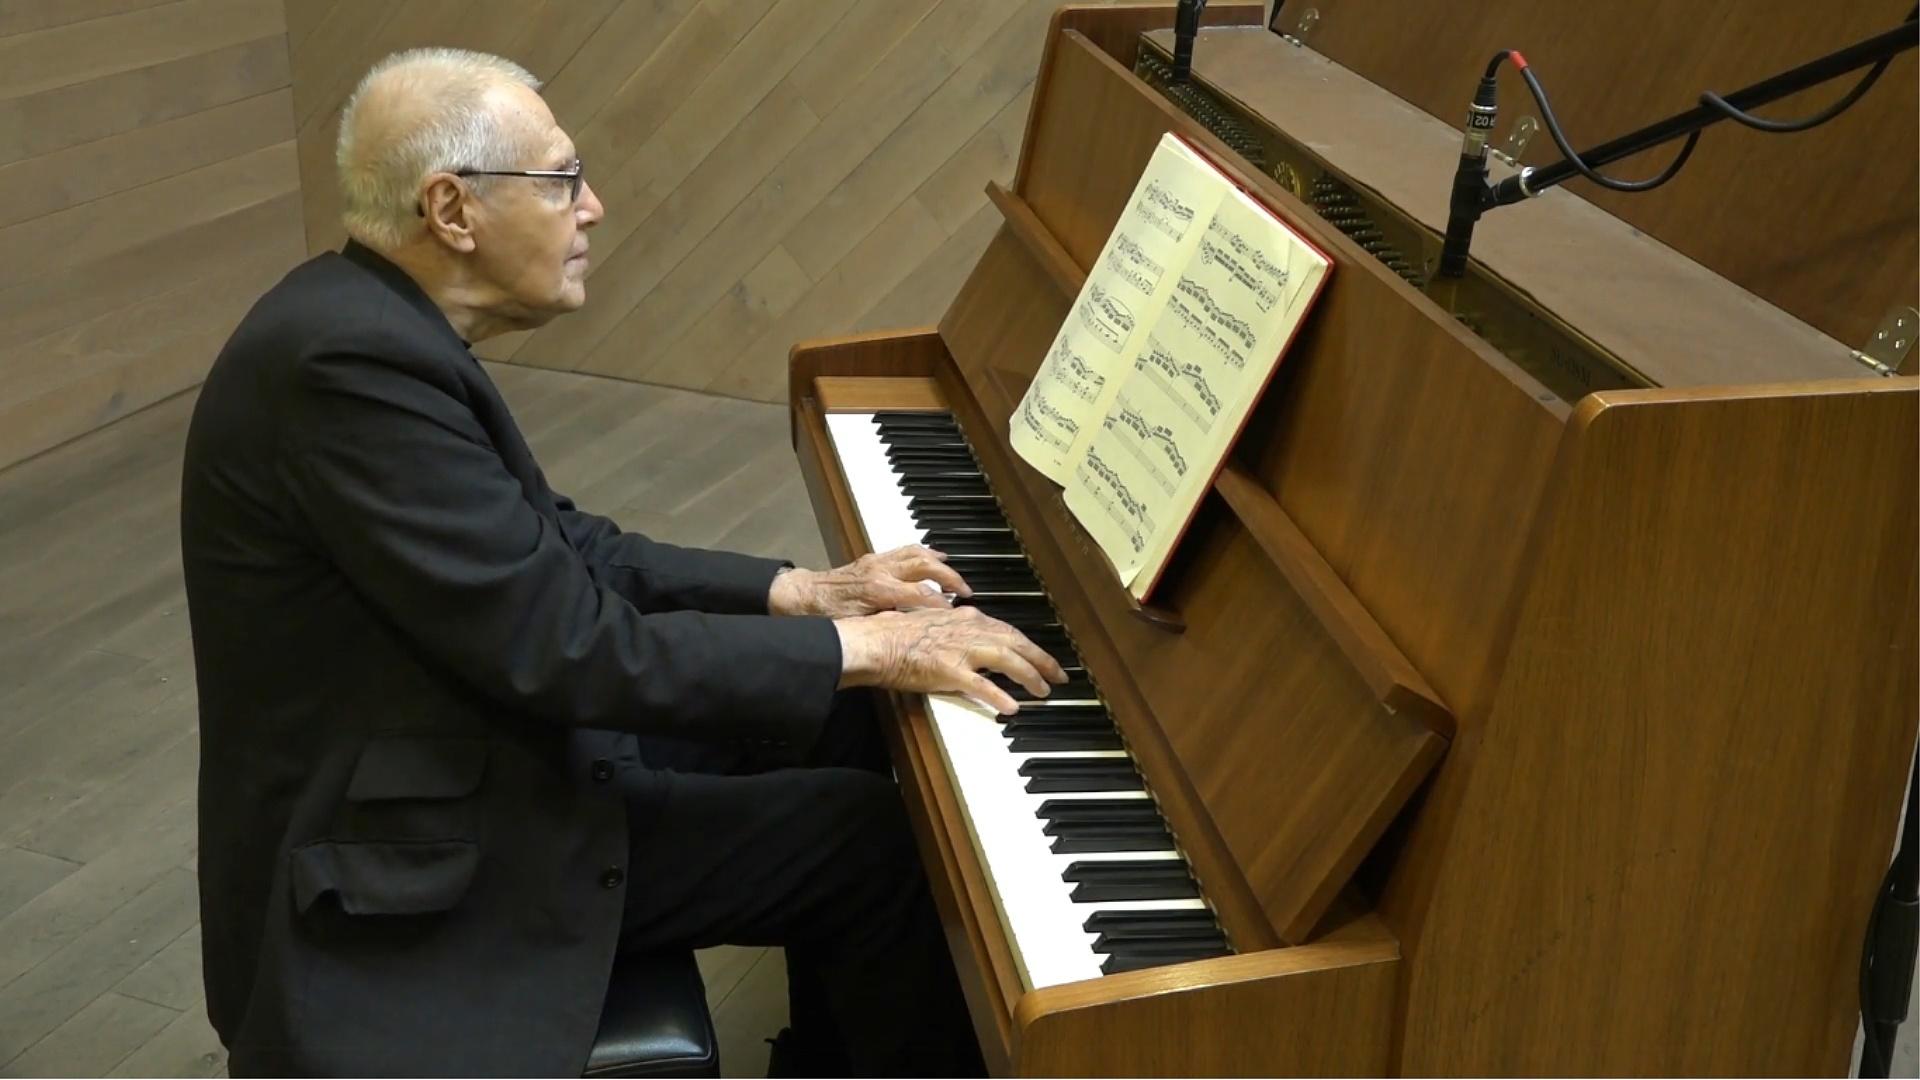 Új lemezkiadvánnyal ünnepli Kurtág György 95. születésnapját a BMC